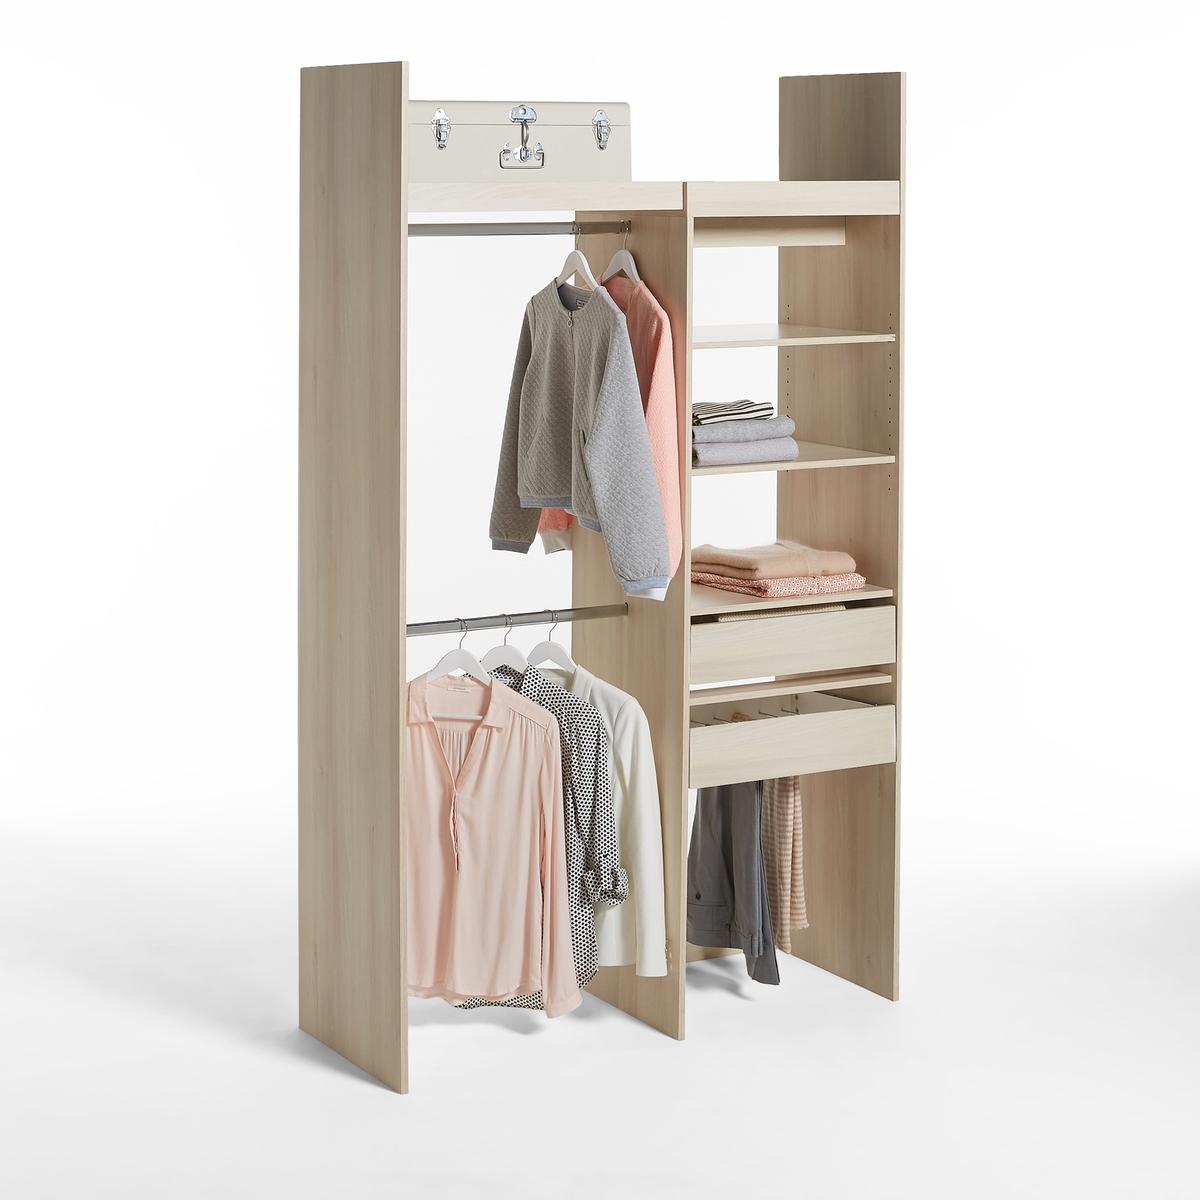 Гардероб La Redoute Модульный с стеллажом и отделениями для одежды Yann единый размер каштановый